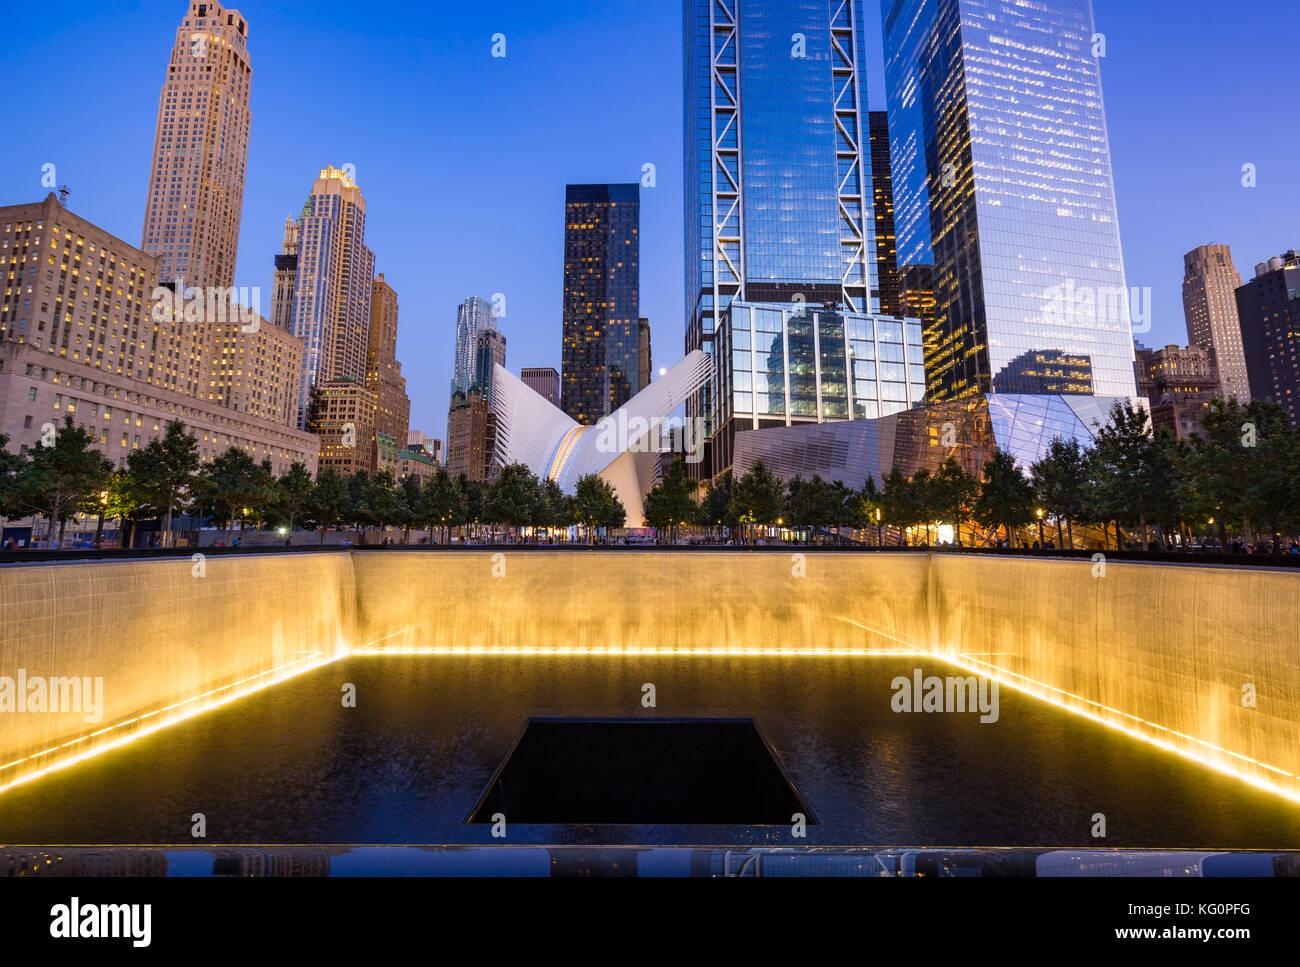 La piscina reflectante del Norte iluminado al atardecer con vista de la torre del World Trade Center 3 y 4. Lower Foto de stock